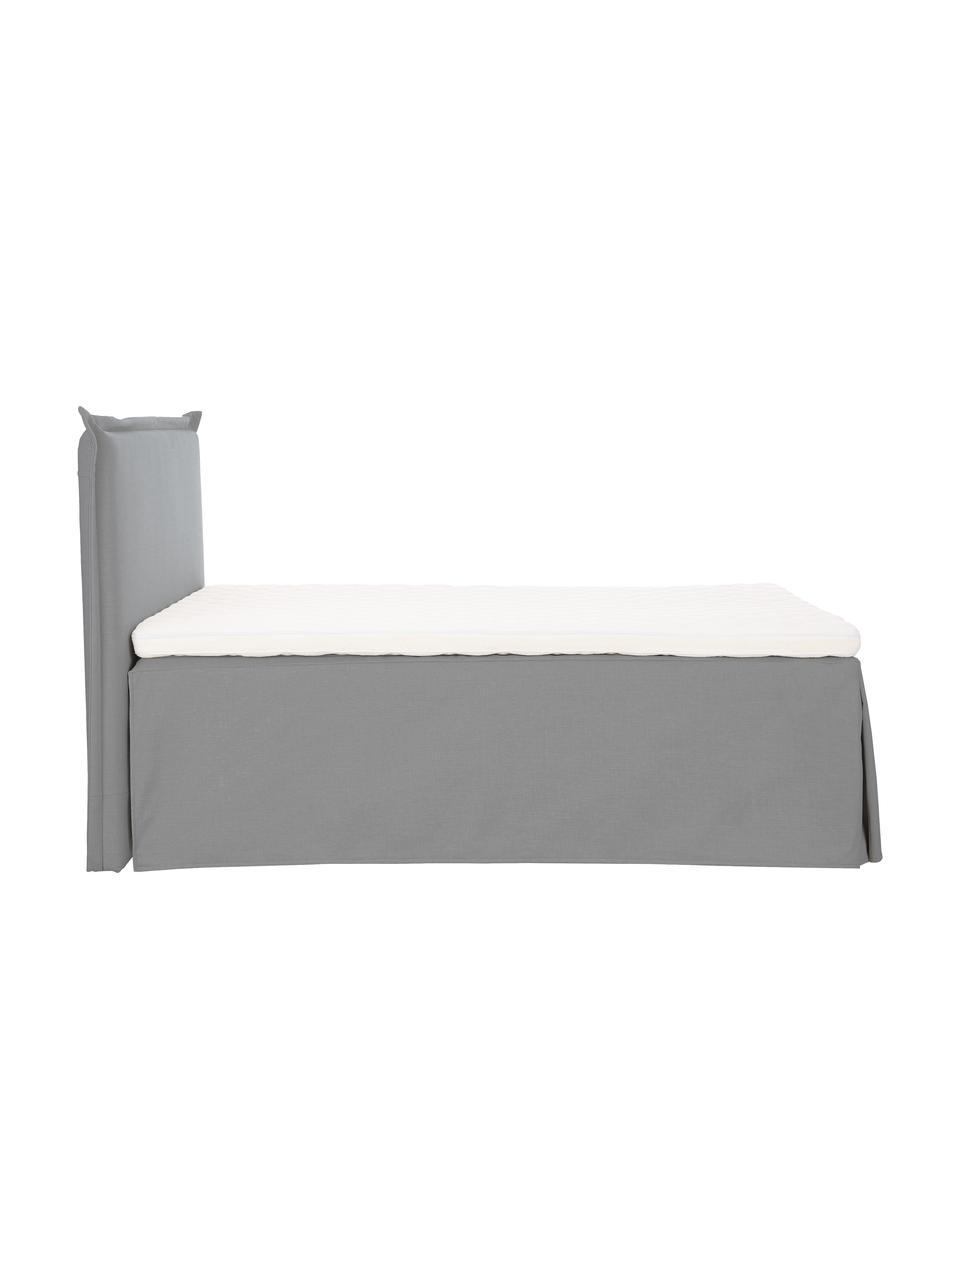 Łóżko kontynentalne premium Violet, Nogi: lite drewno brzozowe, lak, Szary, 140 x 200 cm